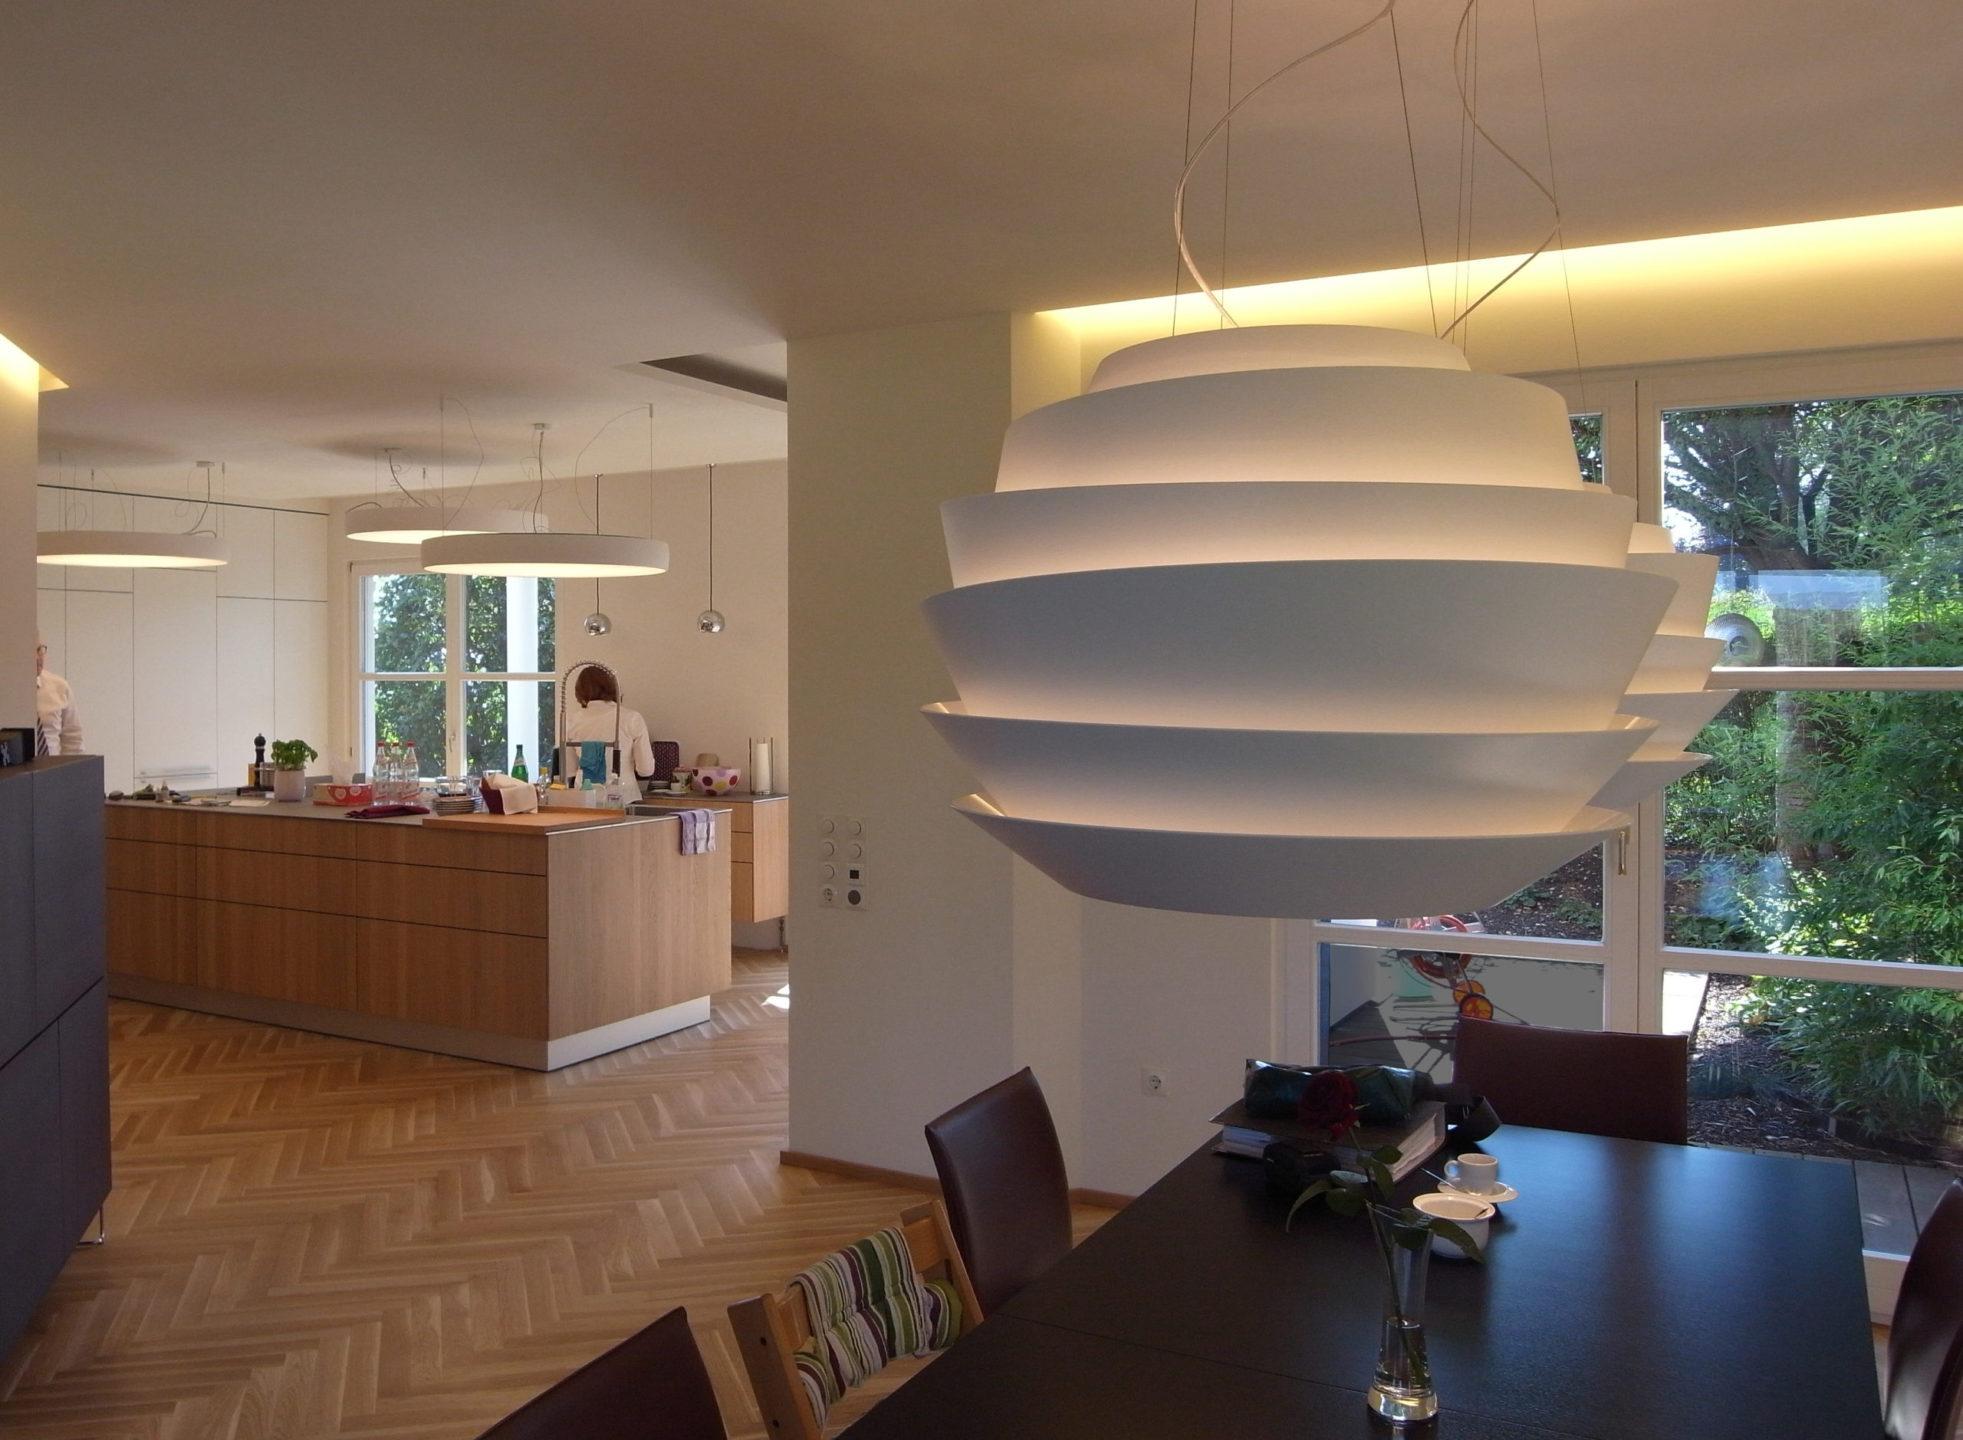 Innenarchitektur Kitzingen Würzburg Einfamilienhaus gehobener Standard